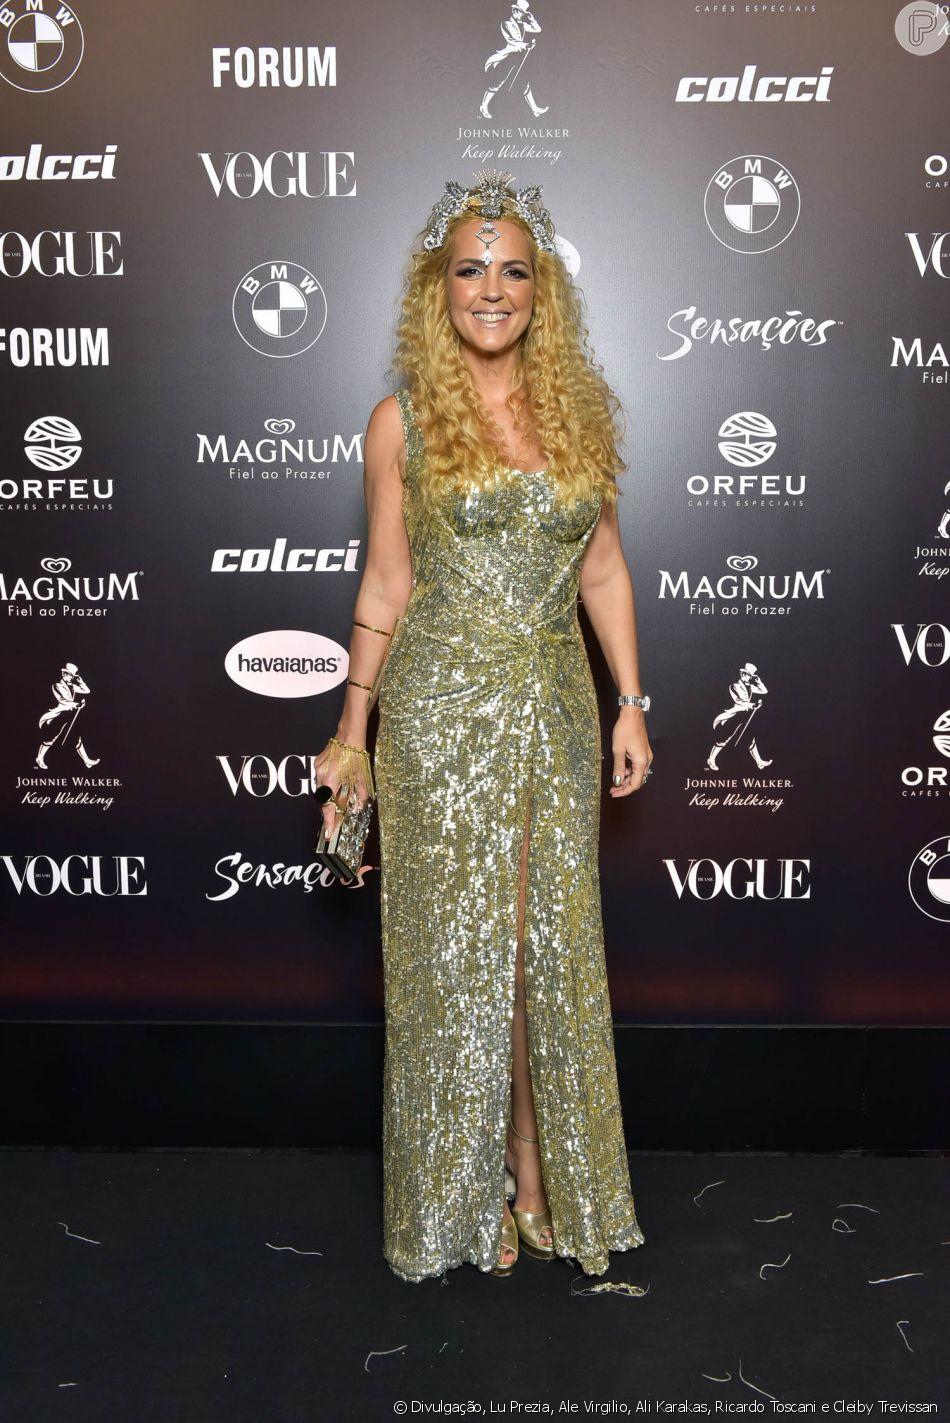 e894d7ce48a77 Baile da Vogue  Alexandra Fructuoso escolheu um longo todo bordado em  dourado